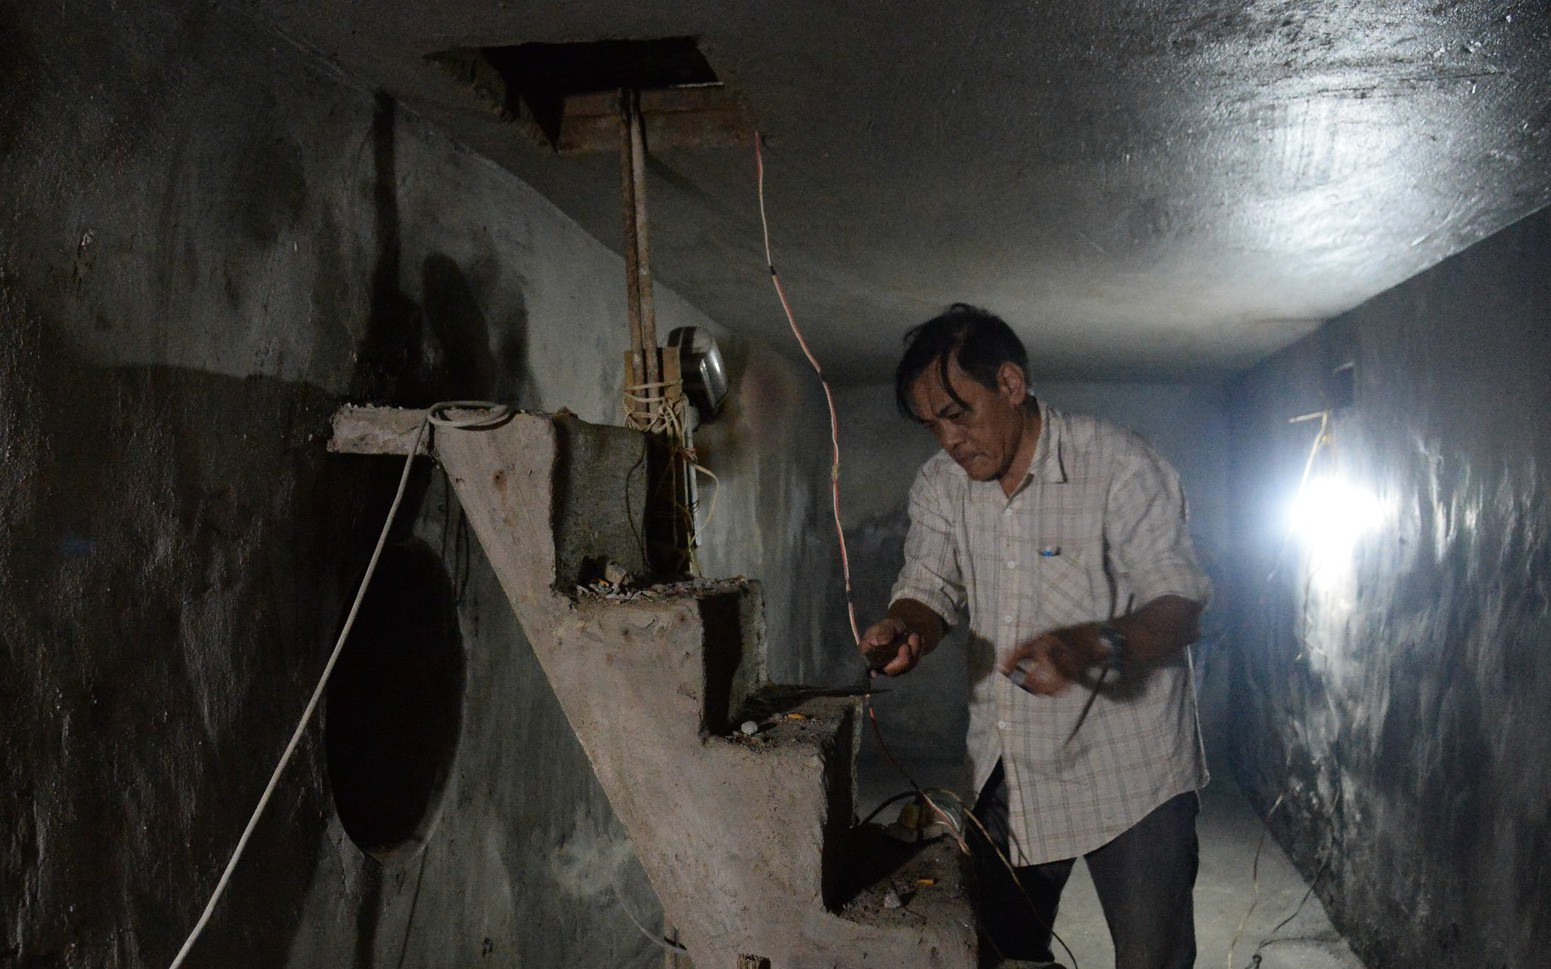 Khui hầm chứa vũ khí giữa Sài Gòn bỏ dở từ năm 1968